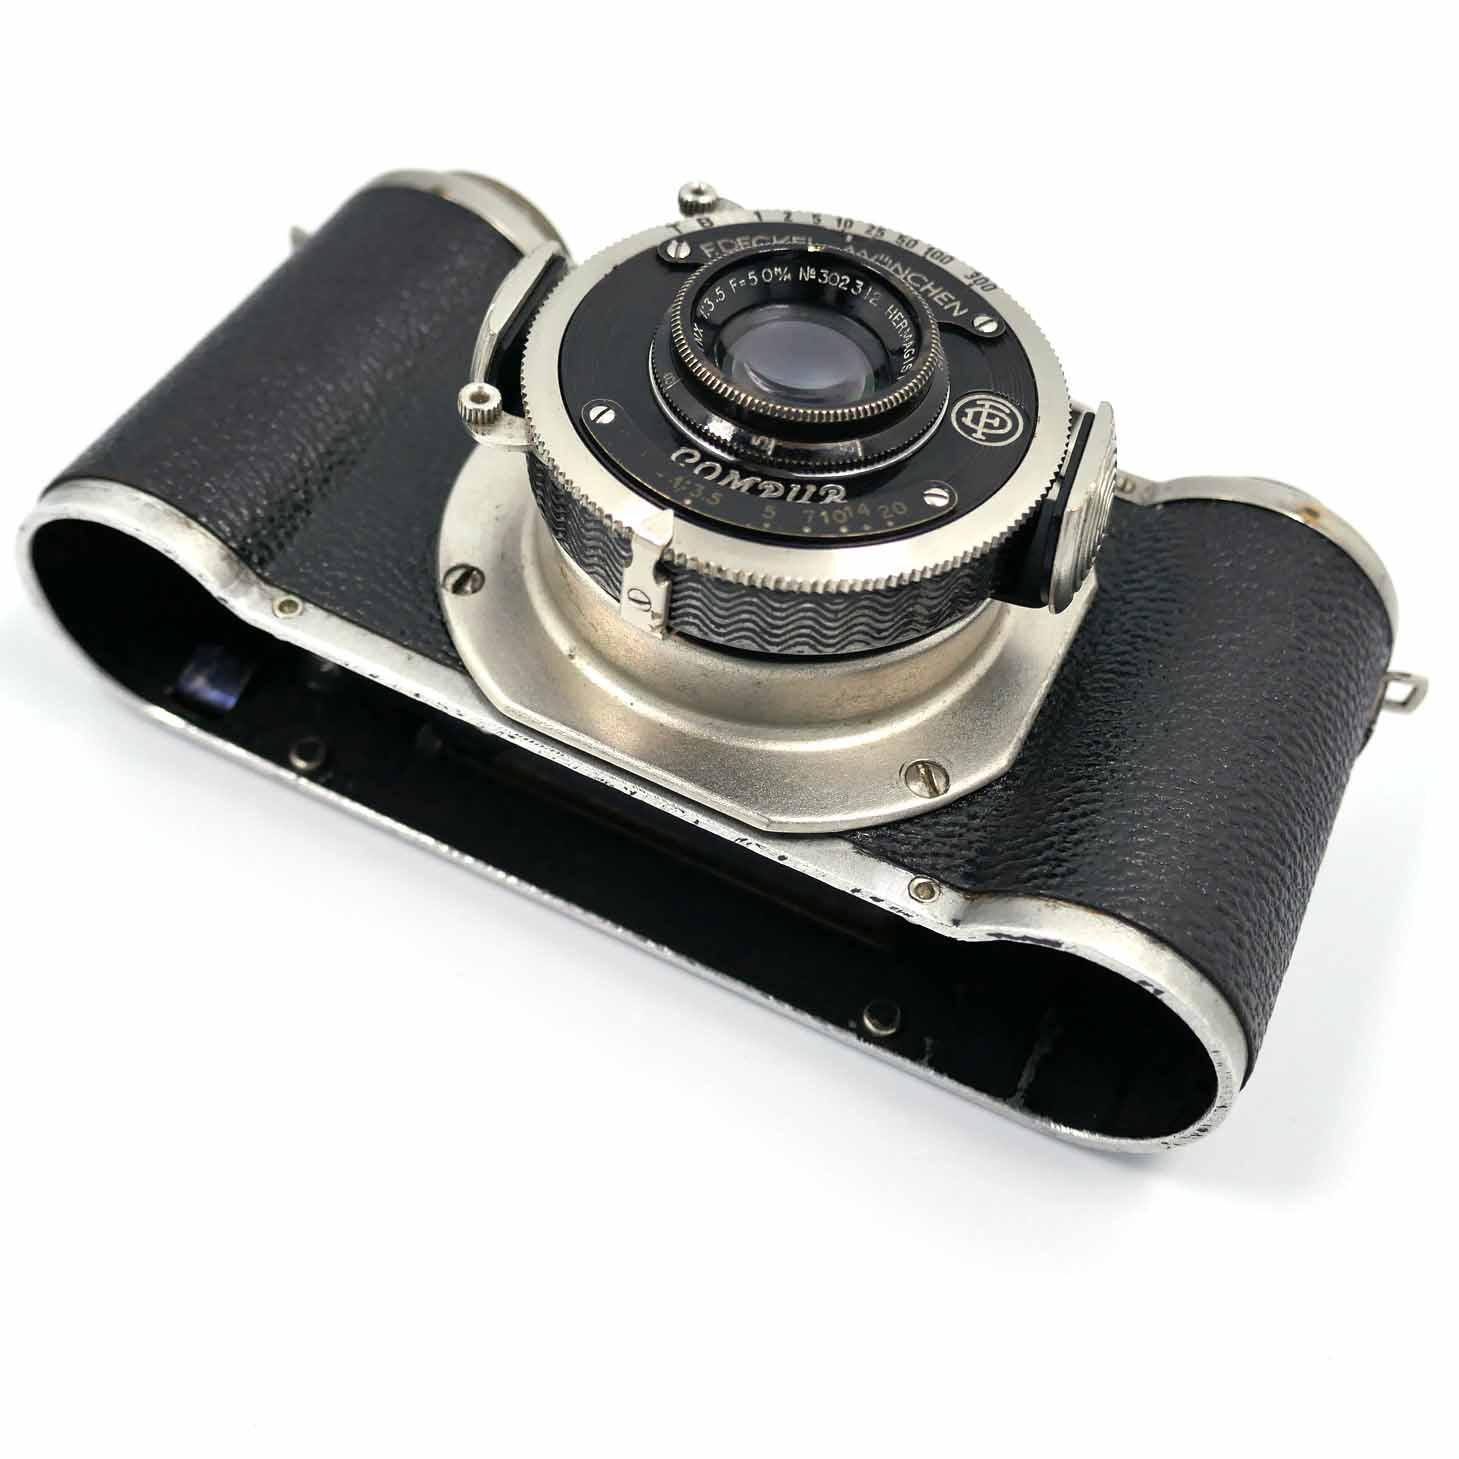 clean-cameras-wirgin-Edinex-0-11